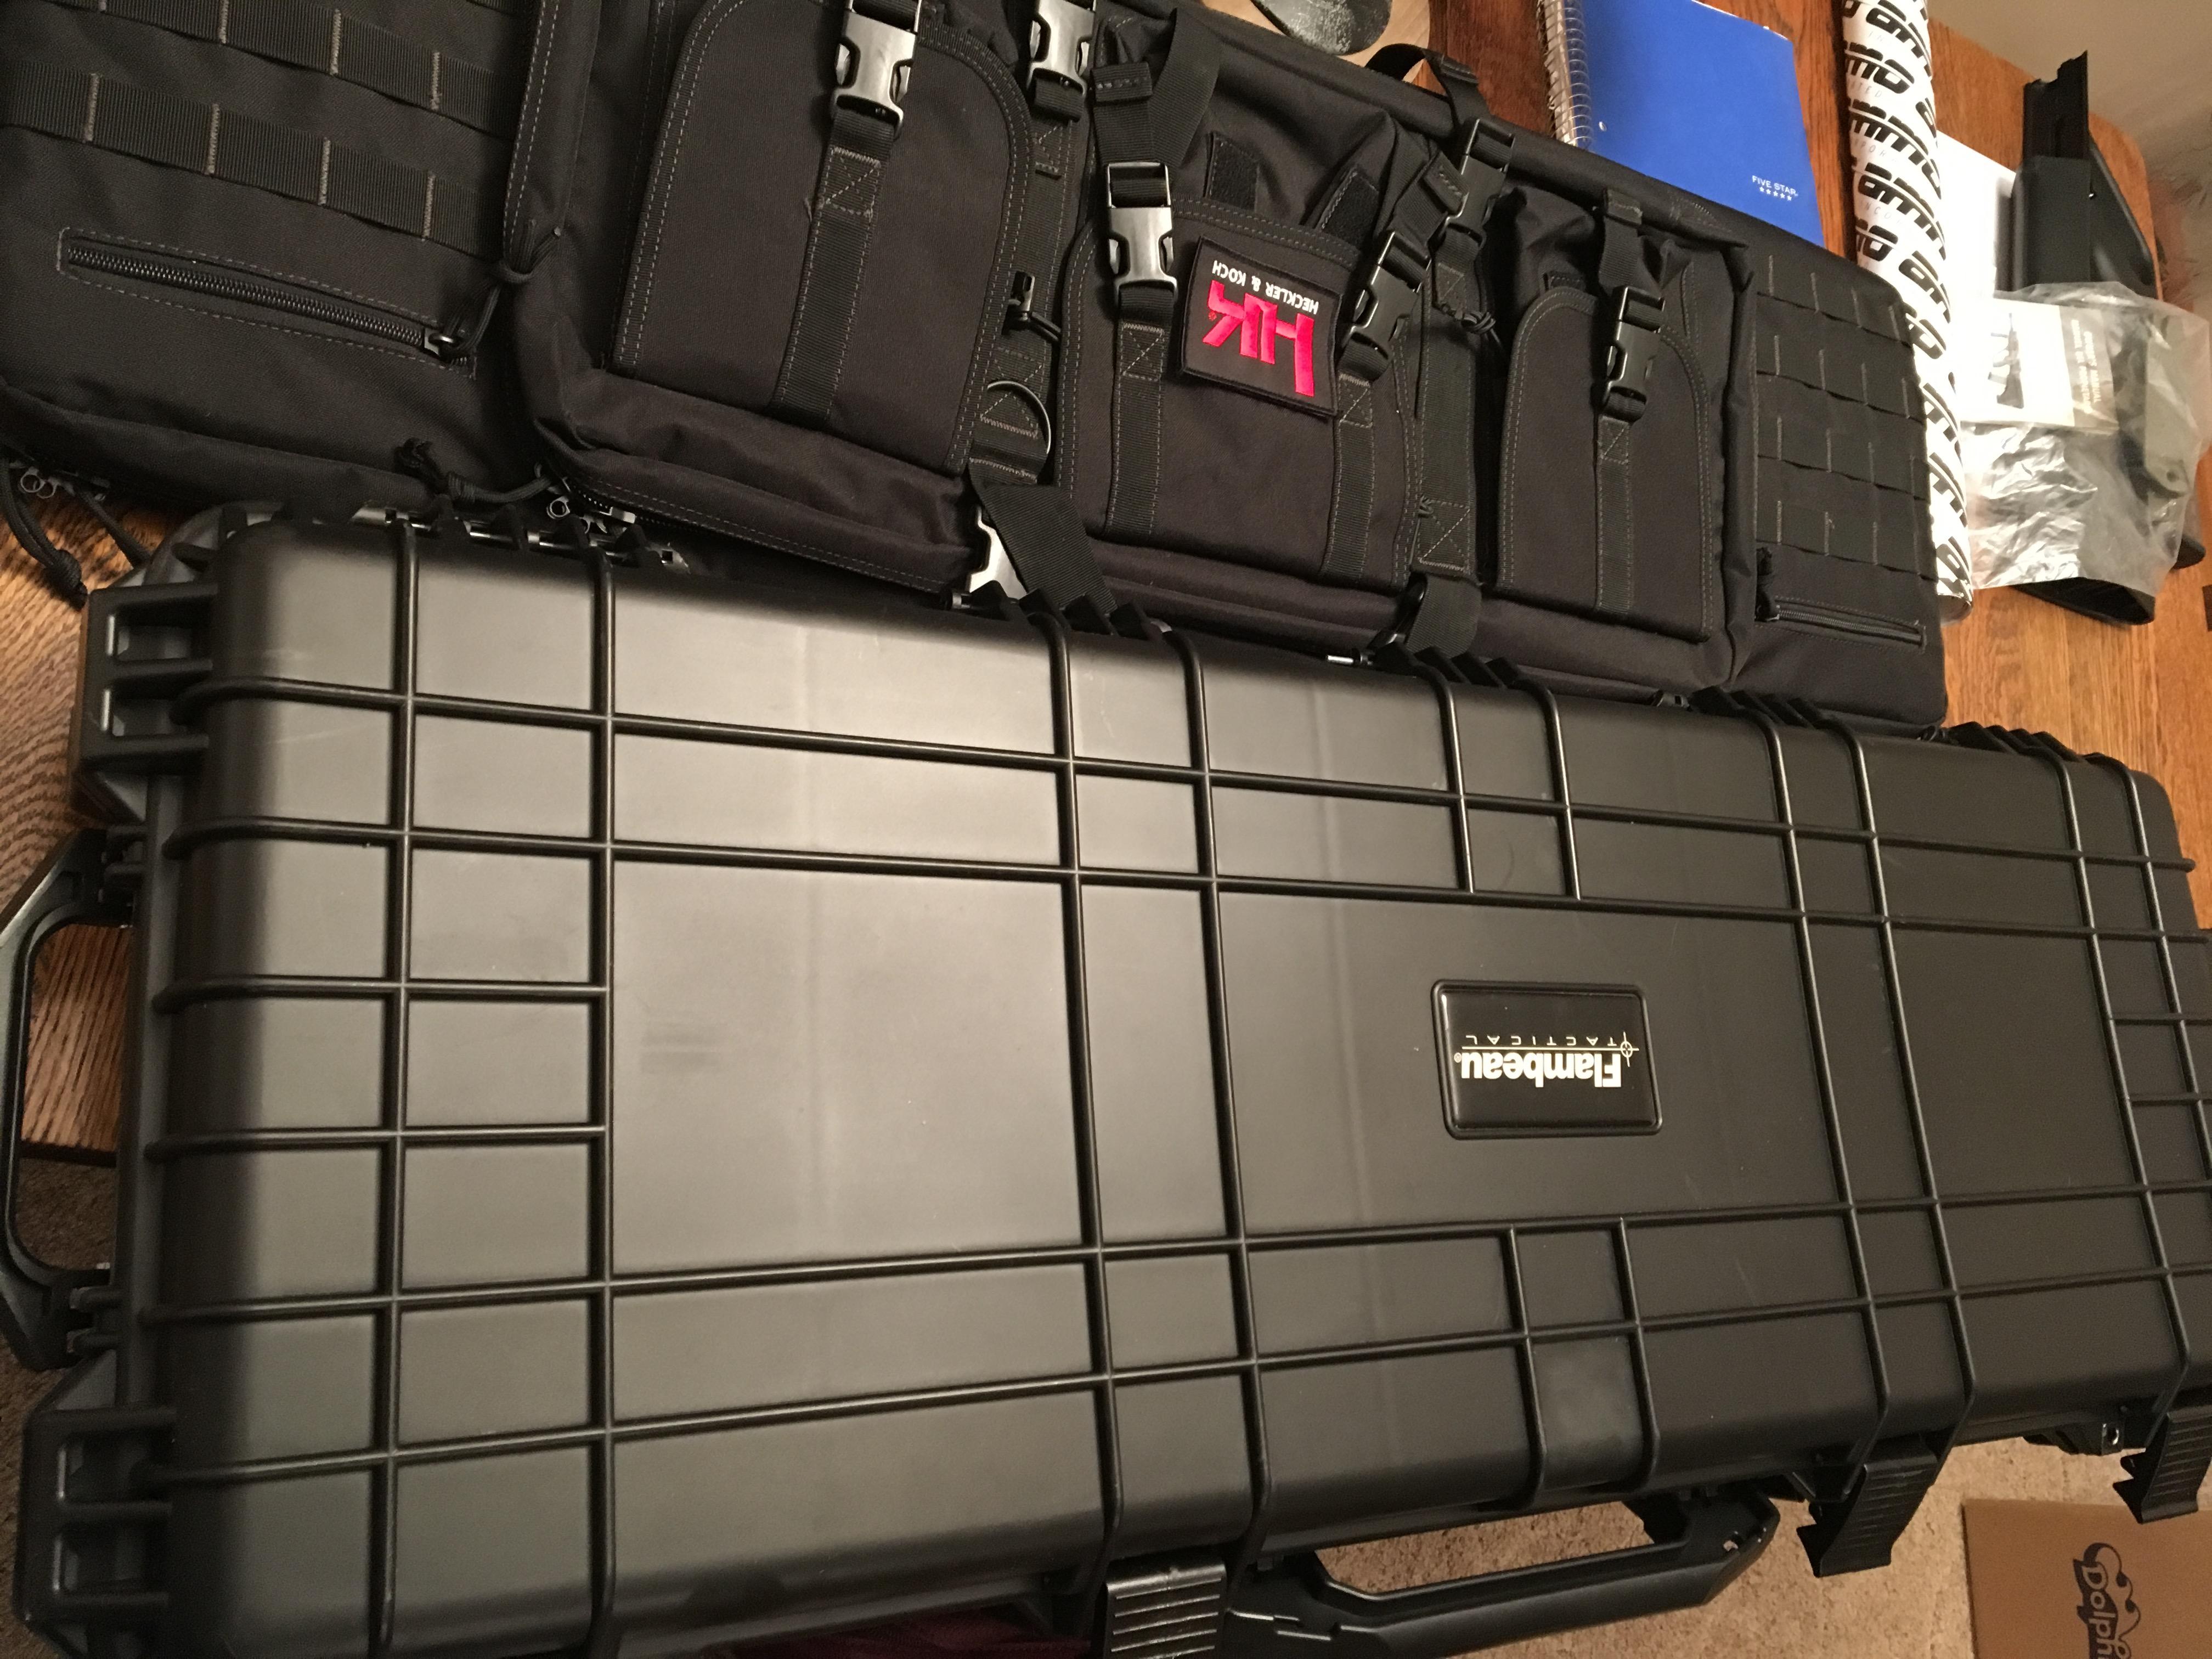 WTS: Hk MR556A1 like new w/HK bag/ lower price-33c372e0-25c2-48a0-83f9-9a6ab1908f87.jpeg